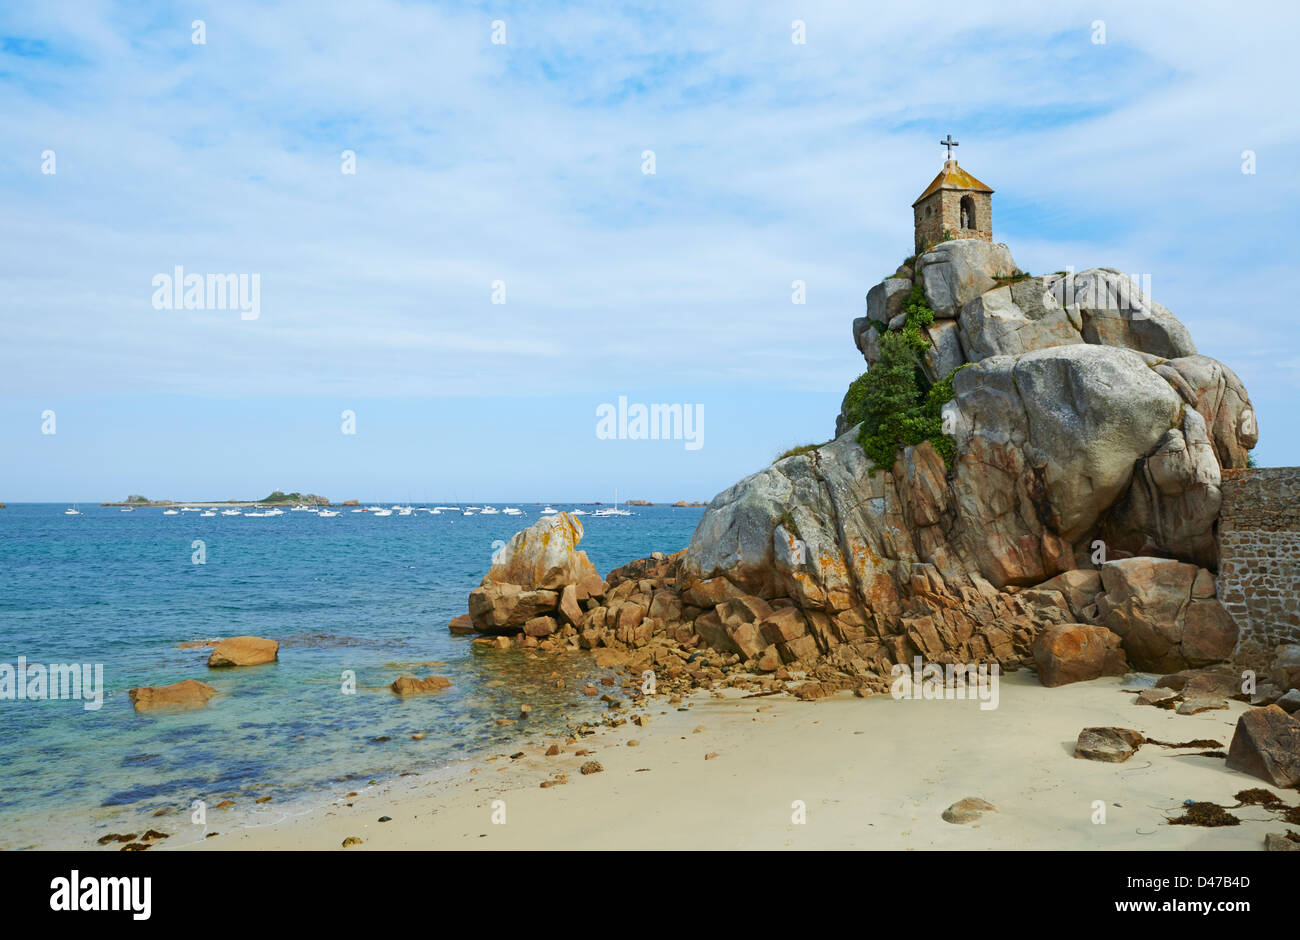 France, Brittany, Cotes d'Armor (22), Port Blanc, Notre Dame de Port Blanc church - Stock Image